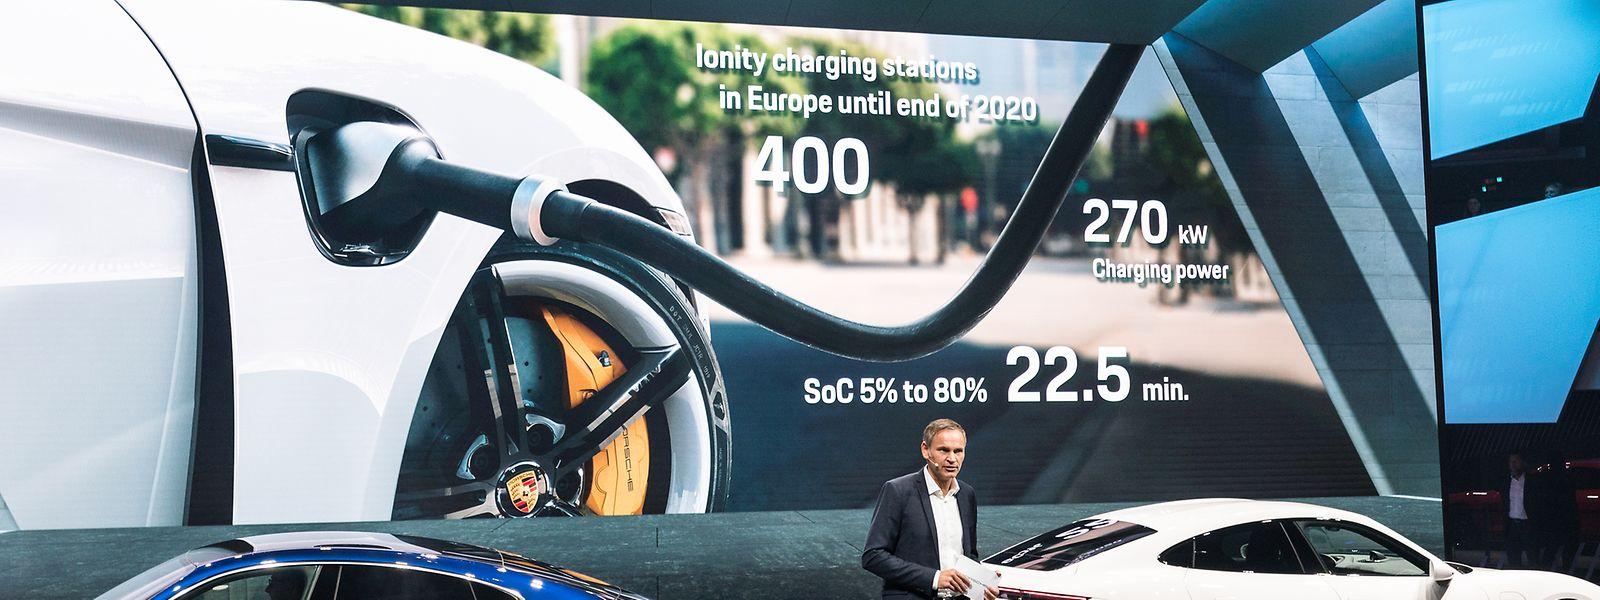 Die Zukunft der Automobilbranche ist weitgehend ungewiss.